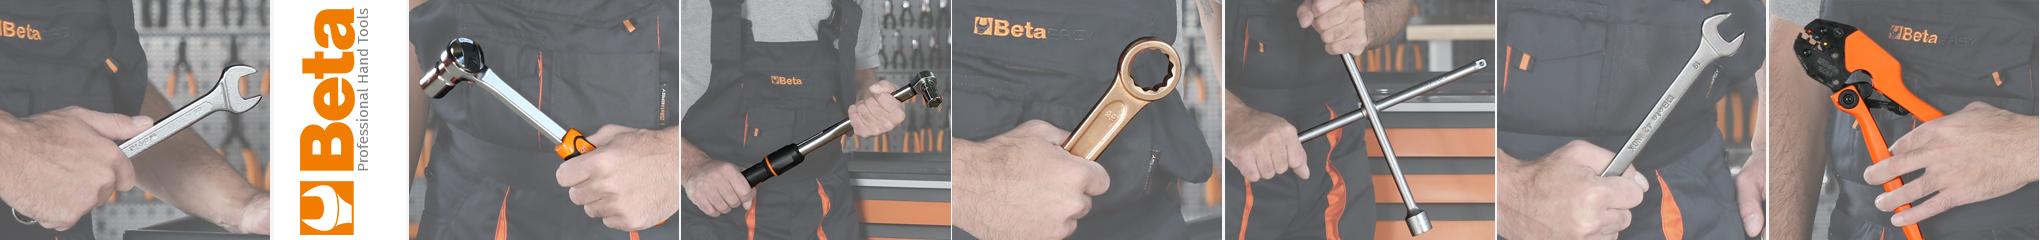 slider-image-https://boier.testavendre.se/image/6216/BETA-slider-test.png